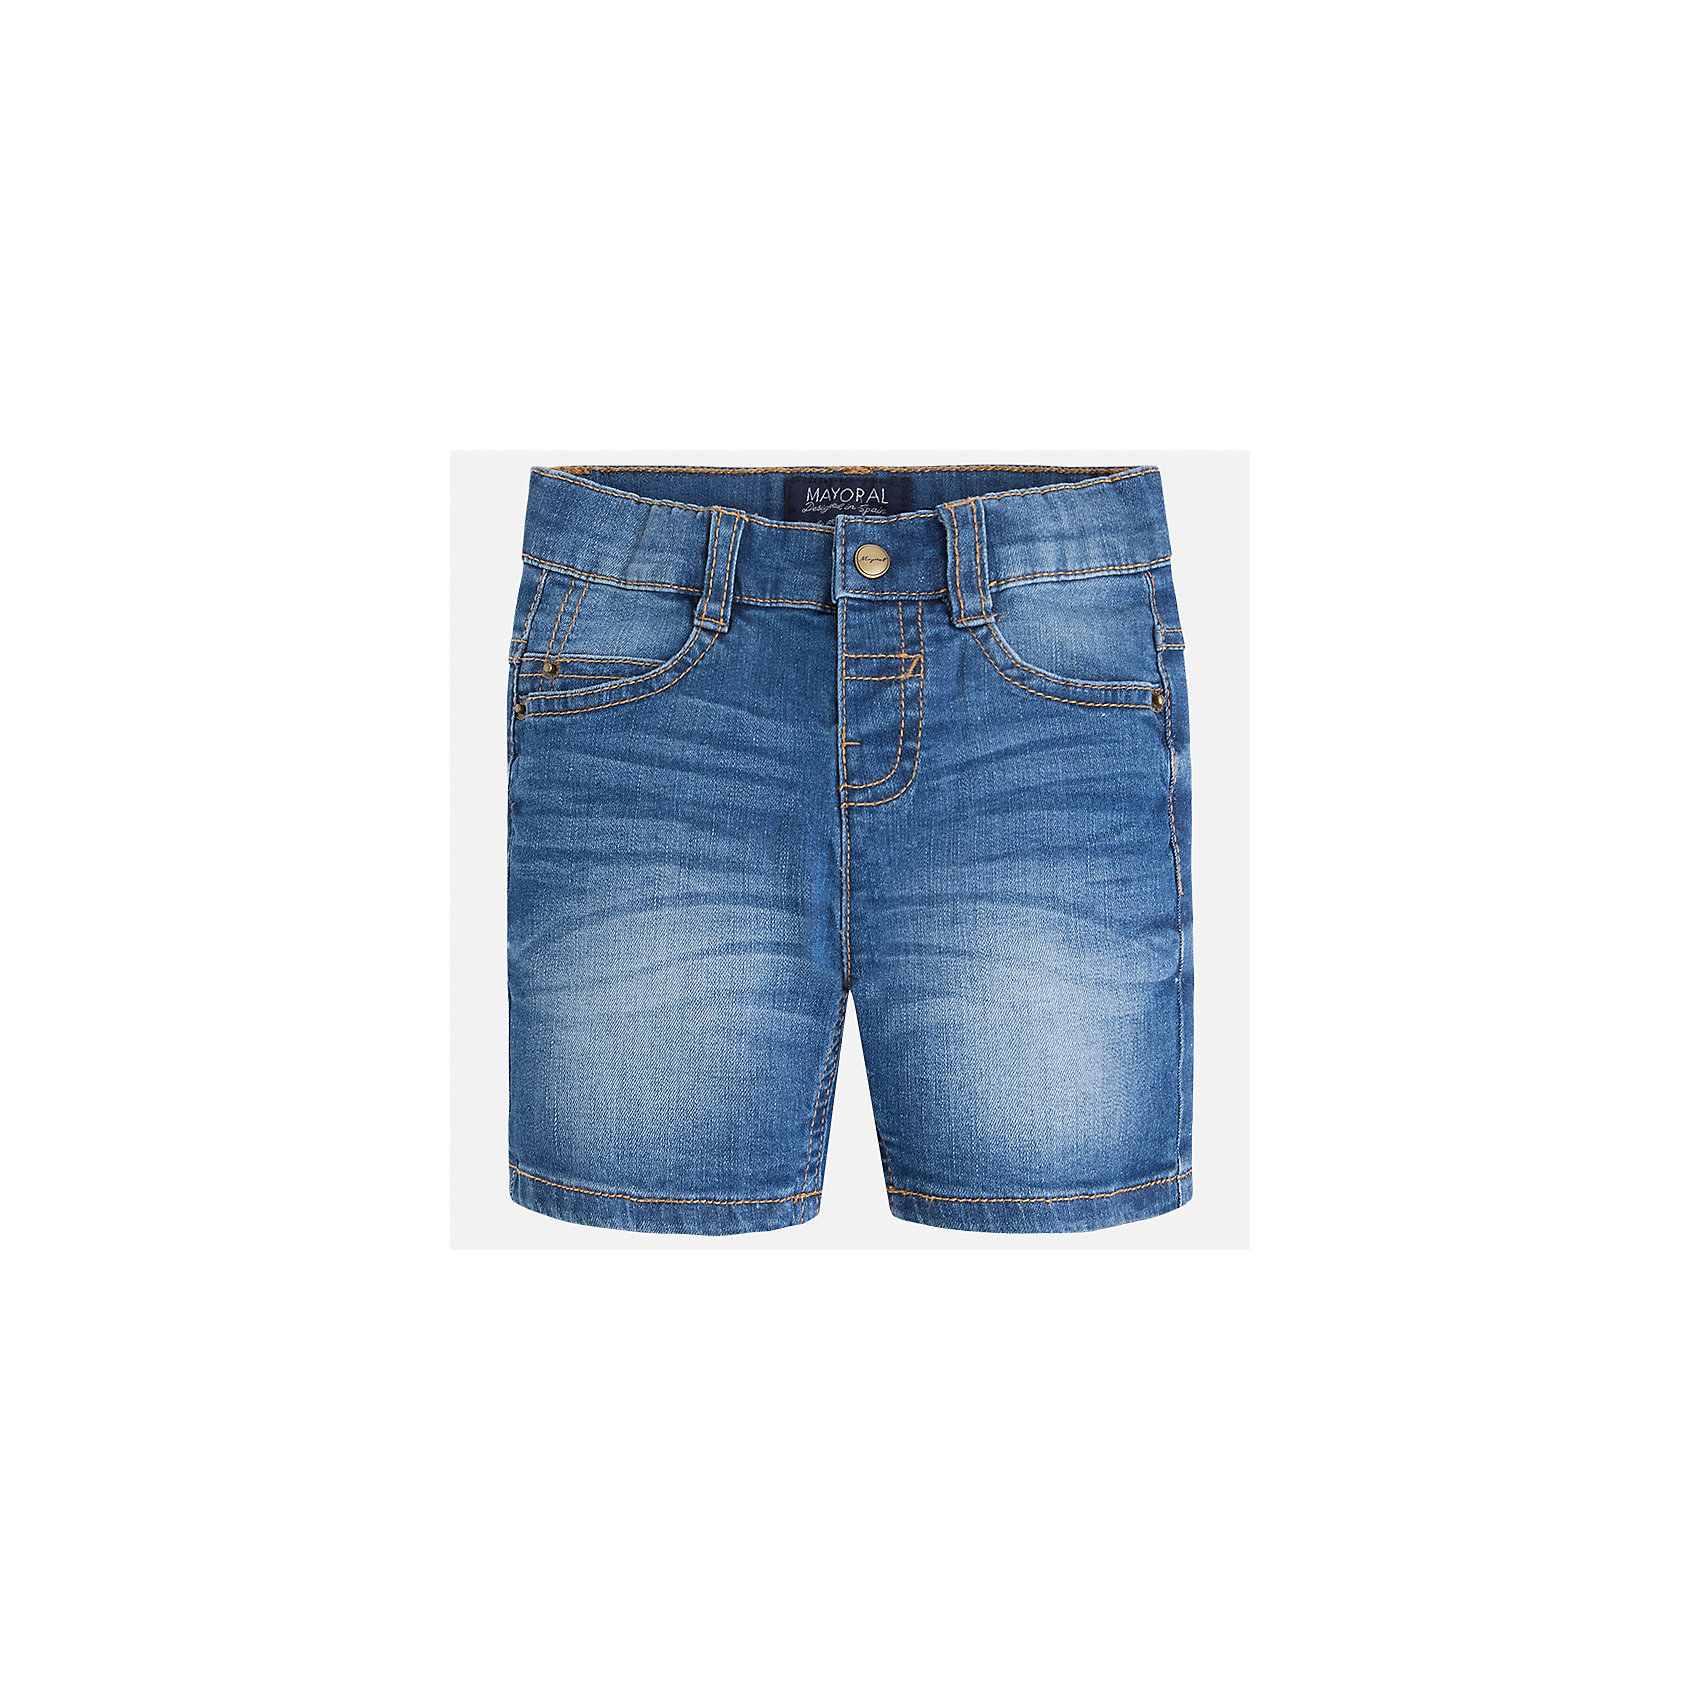 Бриджи джинсовые для мальчика MayoralХарактеристики товара:<br><br>• цвет: синий<br>• состав: 99% хлопок, 1% эластан<br>• имитация потертостей<br>• пояс с регулировкой объема<br>• карманы<br>• шлевки<br>• классический силуэт<br>• страна бренда: Испания<br><br>Модные бриджи для мальчика смогут стать базовой вещью в гардеробе ребенка. Они отлично сочетаются с майками, футболками, рубашками и т.д. Универсальный крой и цвет позволяет подобрать к вещи верх разных расцветок. Практичное и стильное изделие! В составе материала - натуральный хлопок, гипоаллергенный, приятный на ощупь, дышащий.<br><br>Одежда, обувь и аксессуары от испанского бренда Mayoral полюбились детям и взрослым по всему миру. Модели этой марки - стильные и удобные. Для их производства используются только безопасные, качественные материалы и фурнитура. Порадуйте ребенка модными и красивыми вещами от Mayoral! <br><br>Бриджи для мальчика от испанского бренда Mayoral (Майорал) можно купить в нашем интернет-магазине.<br><br>Ширина мм: 191<br>Глубина мм: 10<br>Высота мм: 175<br>Вес г: 273<br>Цвет: синий<br>Возраст от месяцев: 36<br>Возраст до месяцев: 48<br>Пол: Мужской<br>Возраст: Детский<br>Размер: 104,98,92,122,128,134,116,110<br>SKU: 5277907